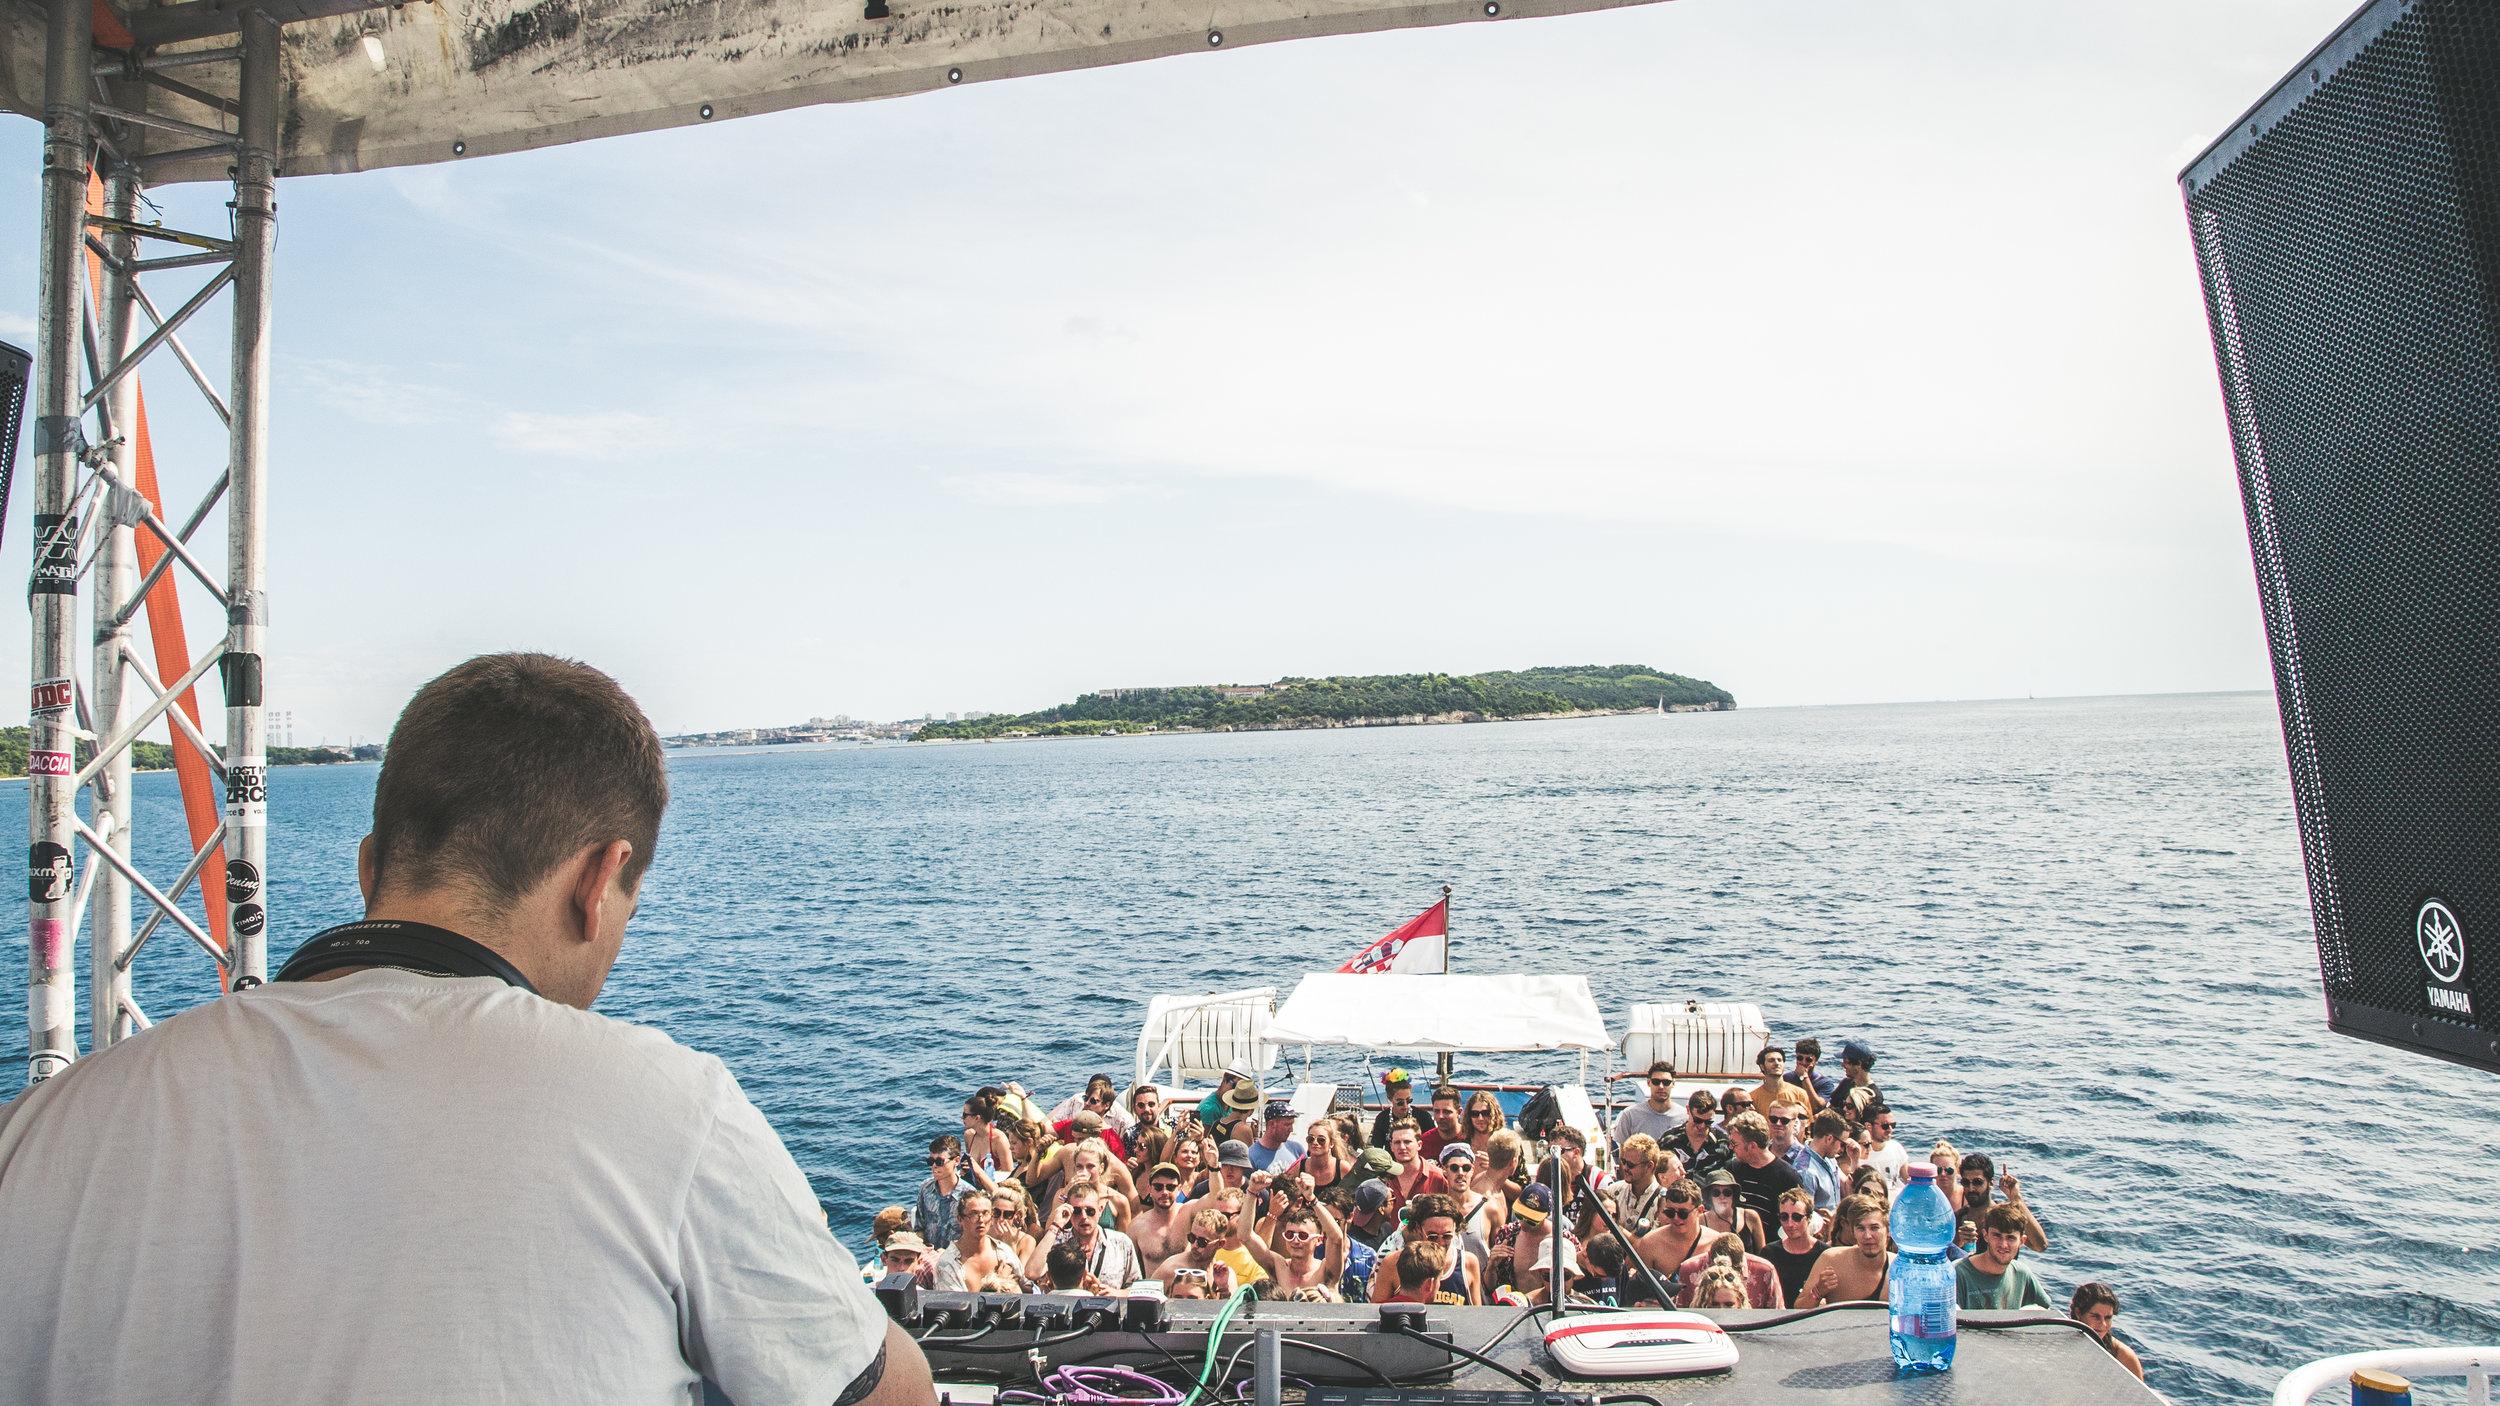 Sunday Hessle Audio boat party-5.jpg